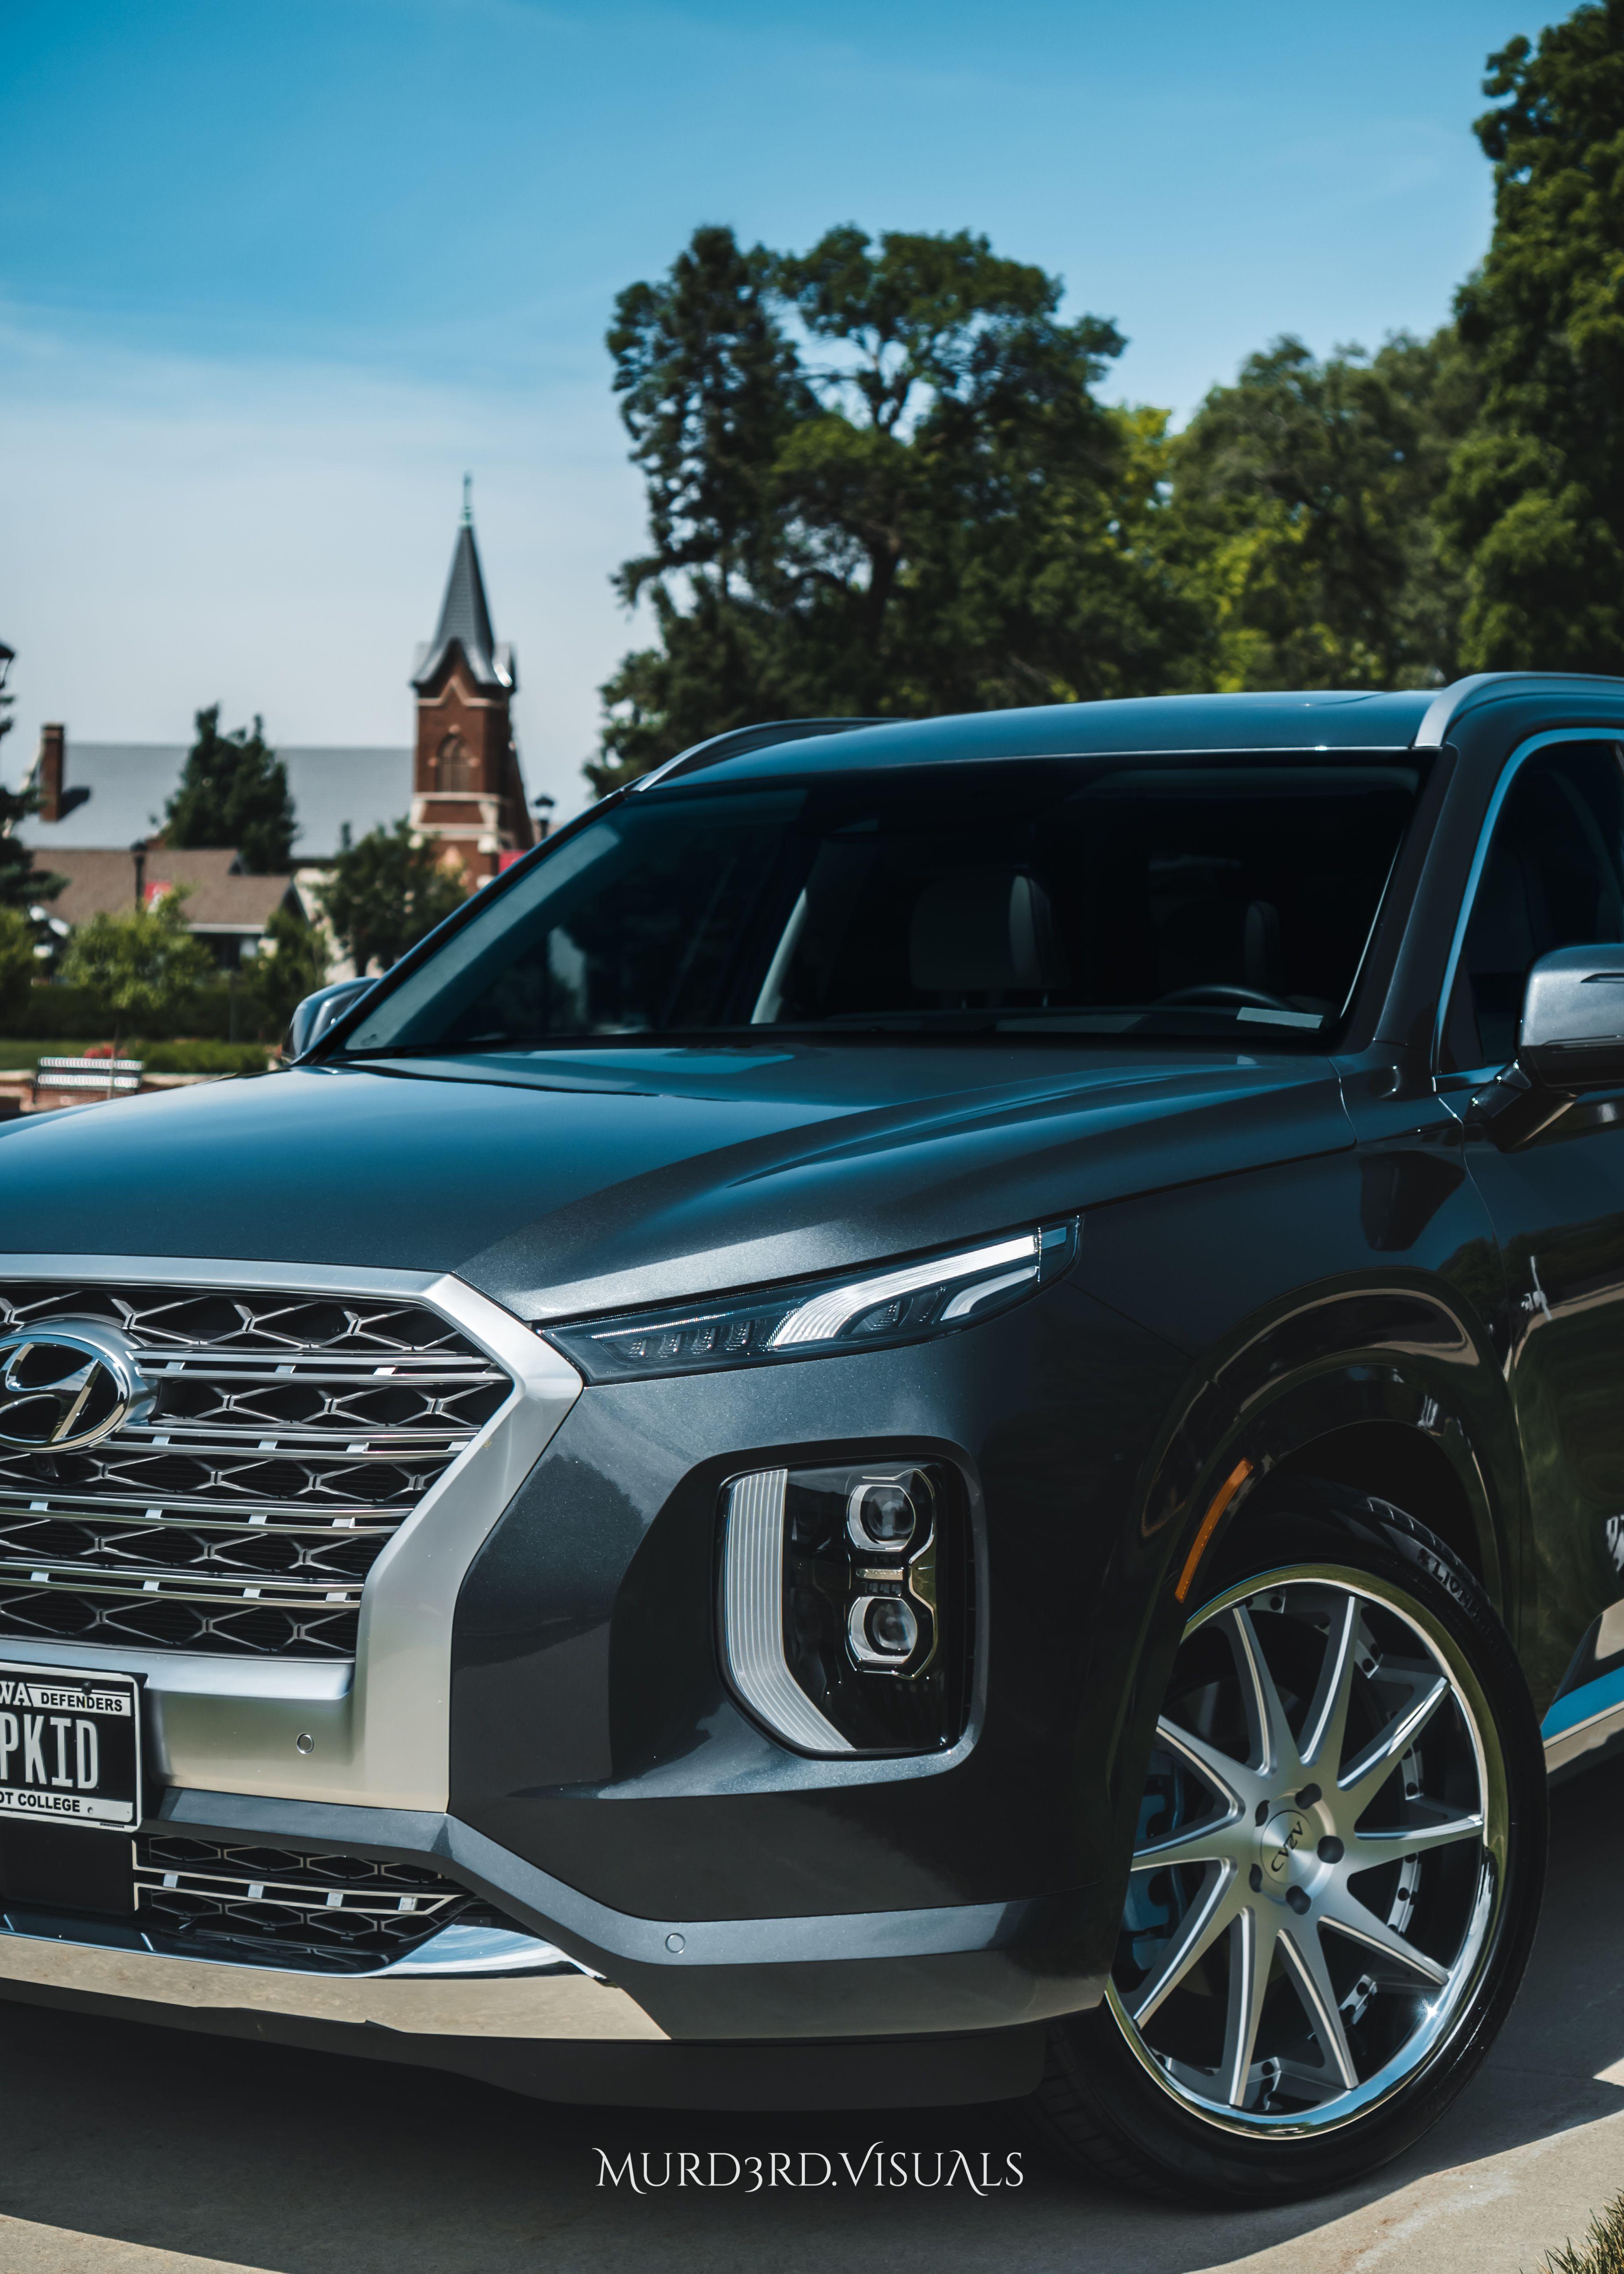 2020 Hyundai Palisade Review in 2020 Hyundai, Palisades